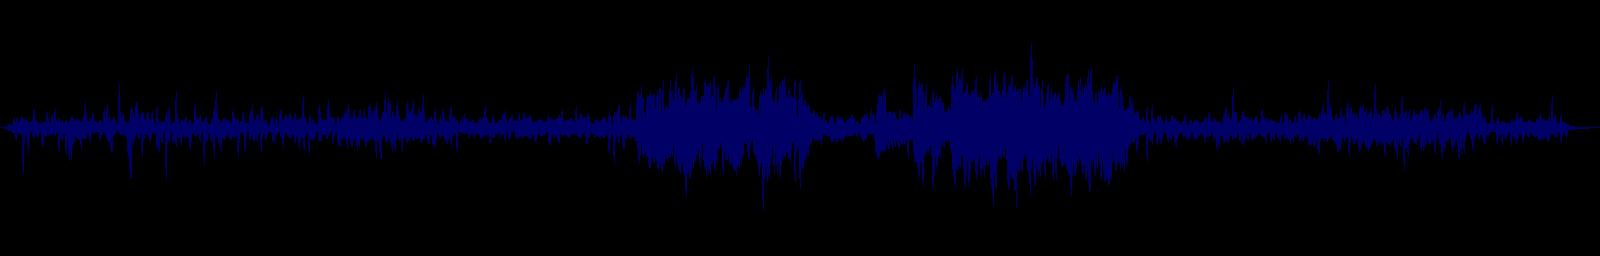 waveform of track #139365